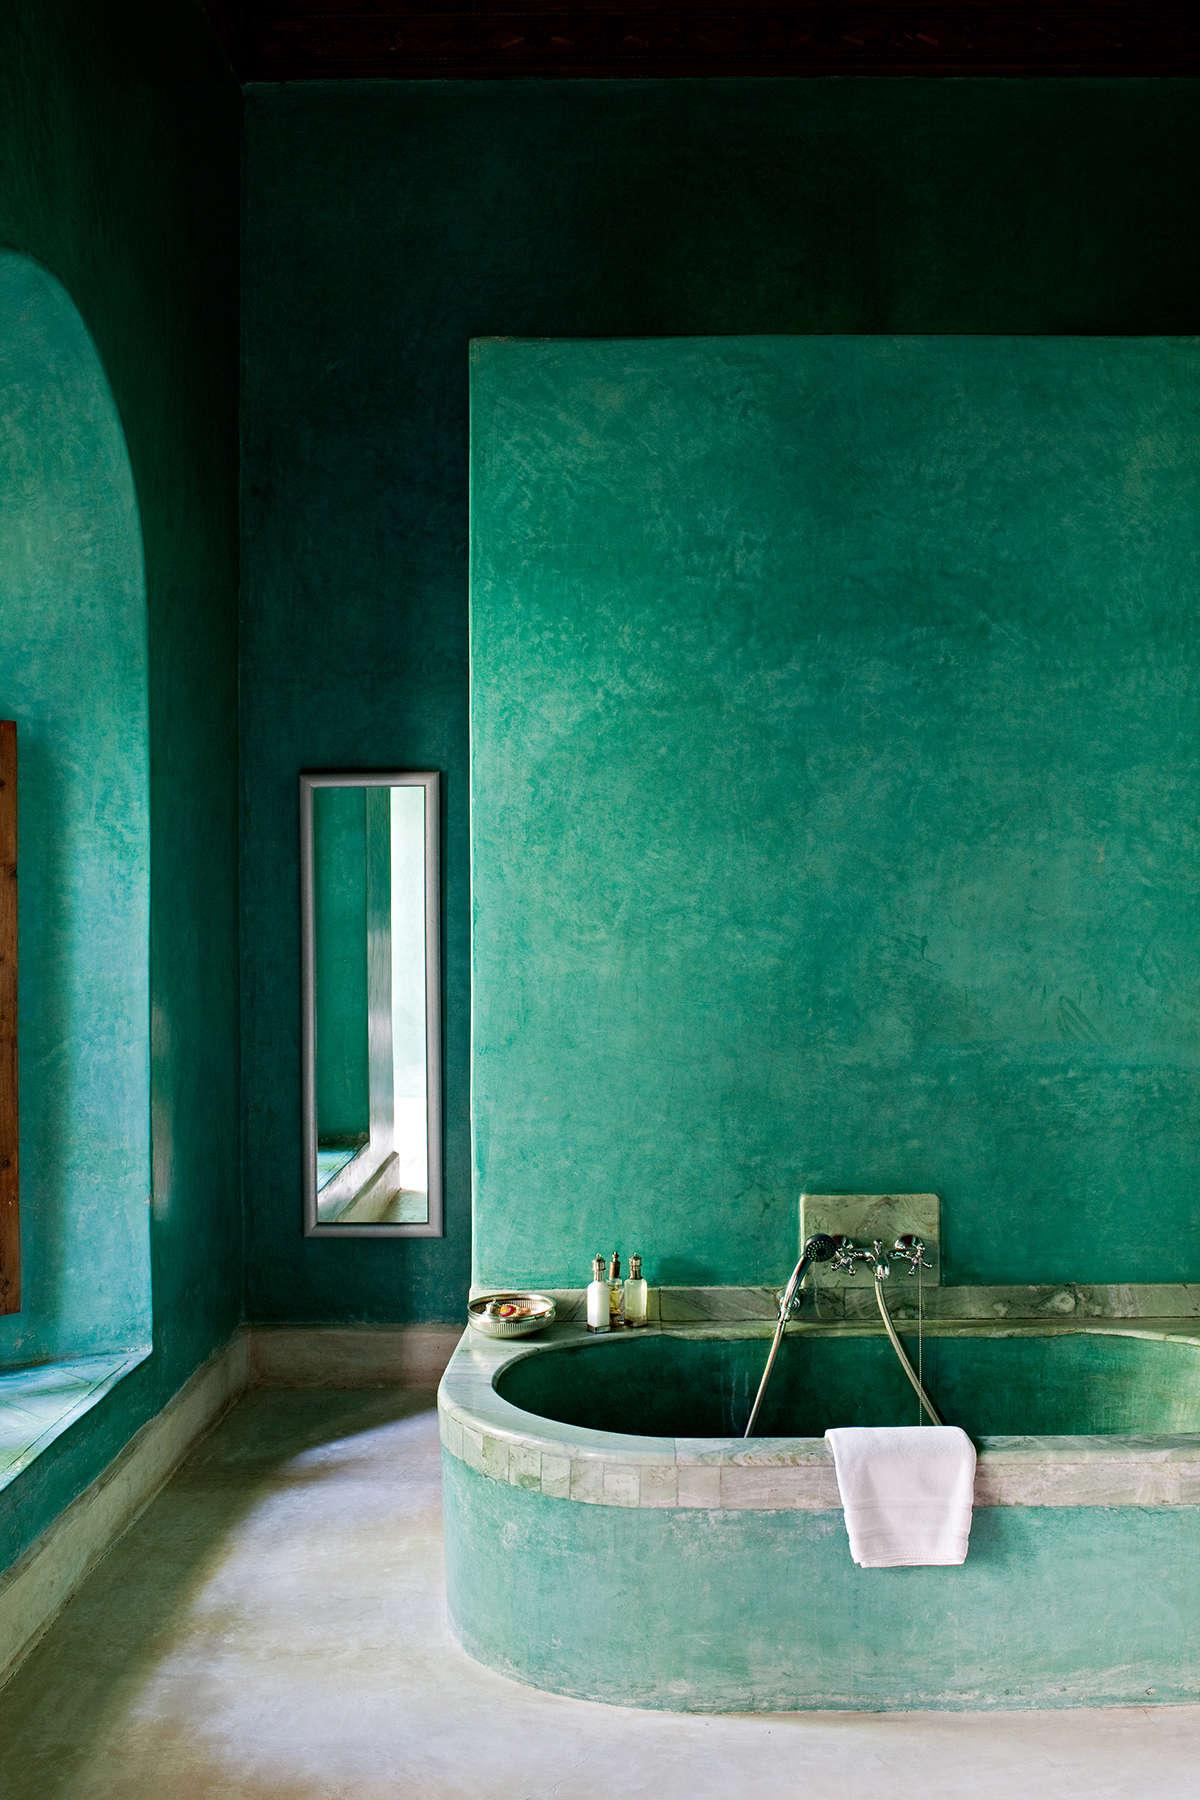 El Fenn Hotel in Morocco